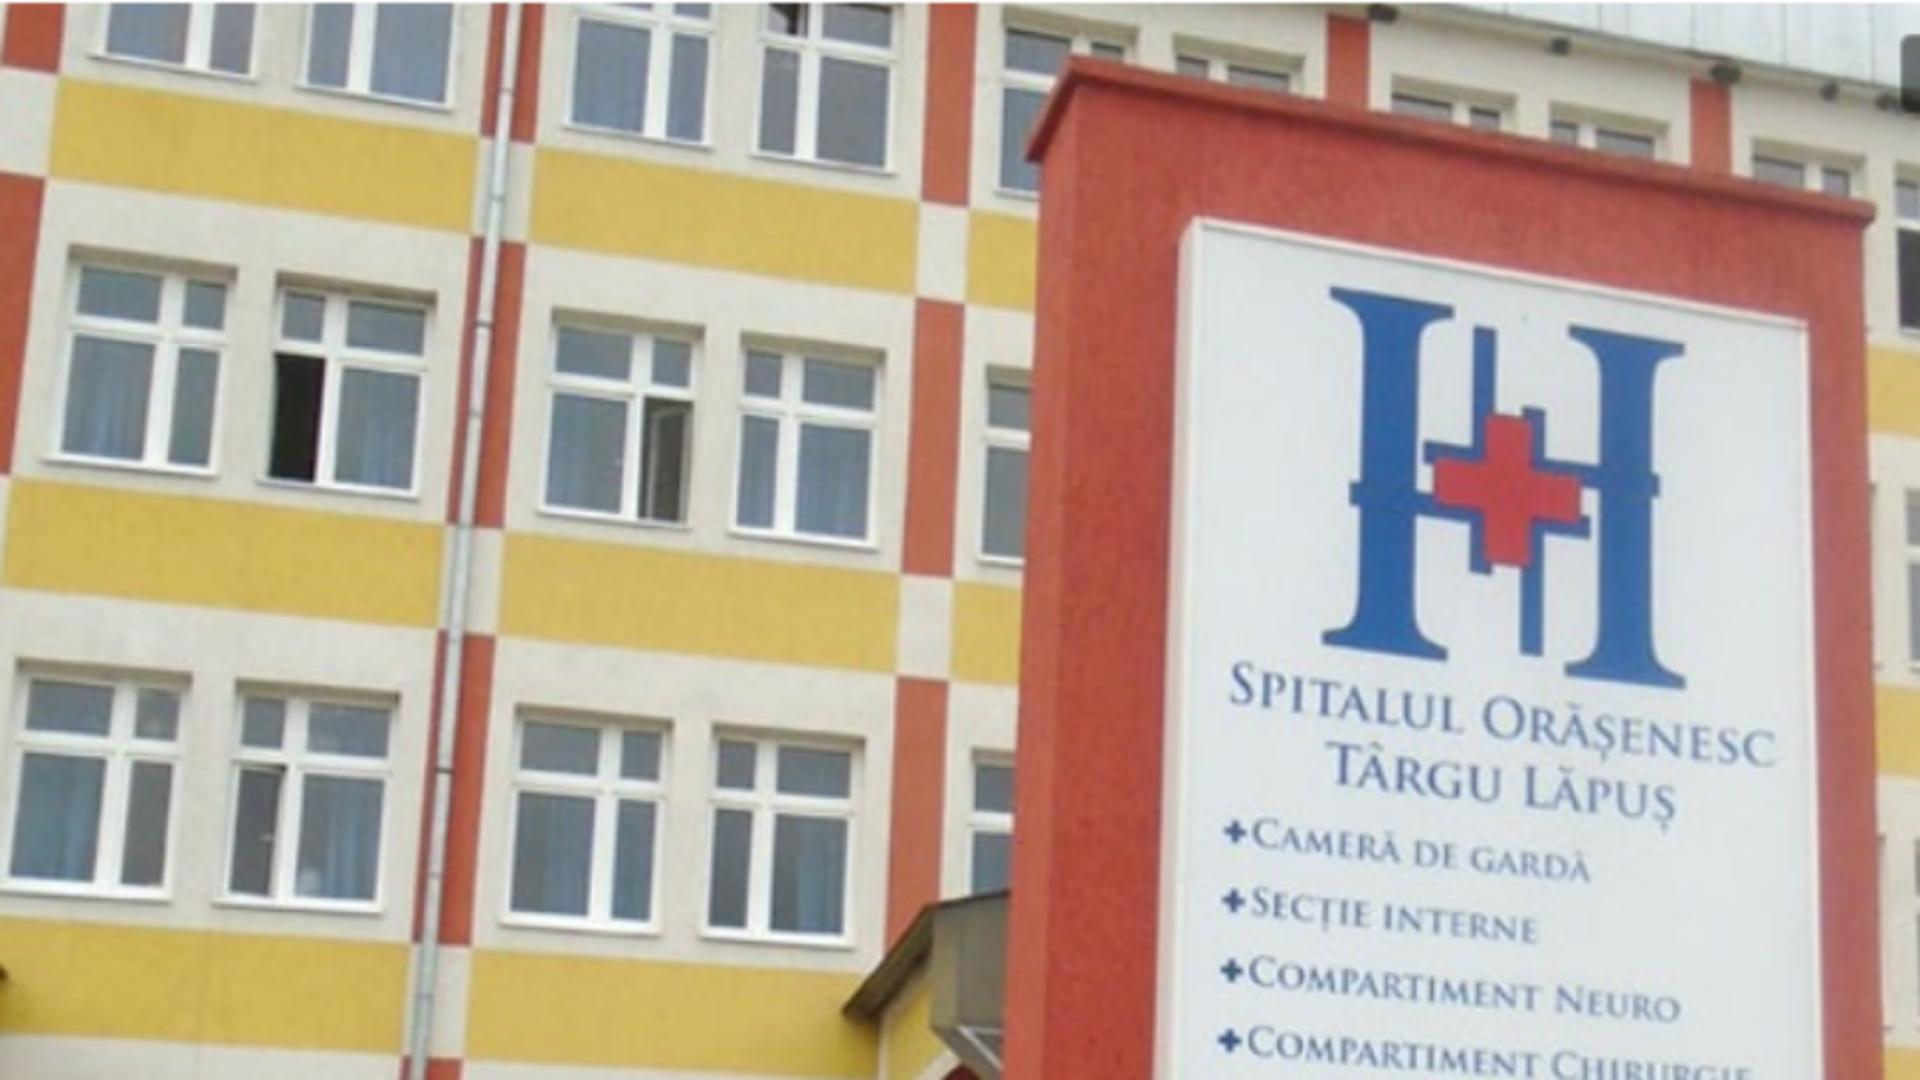 Spitalul orășenesc Tărgu Lăpuș / Captură foto